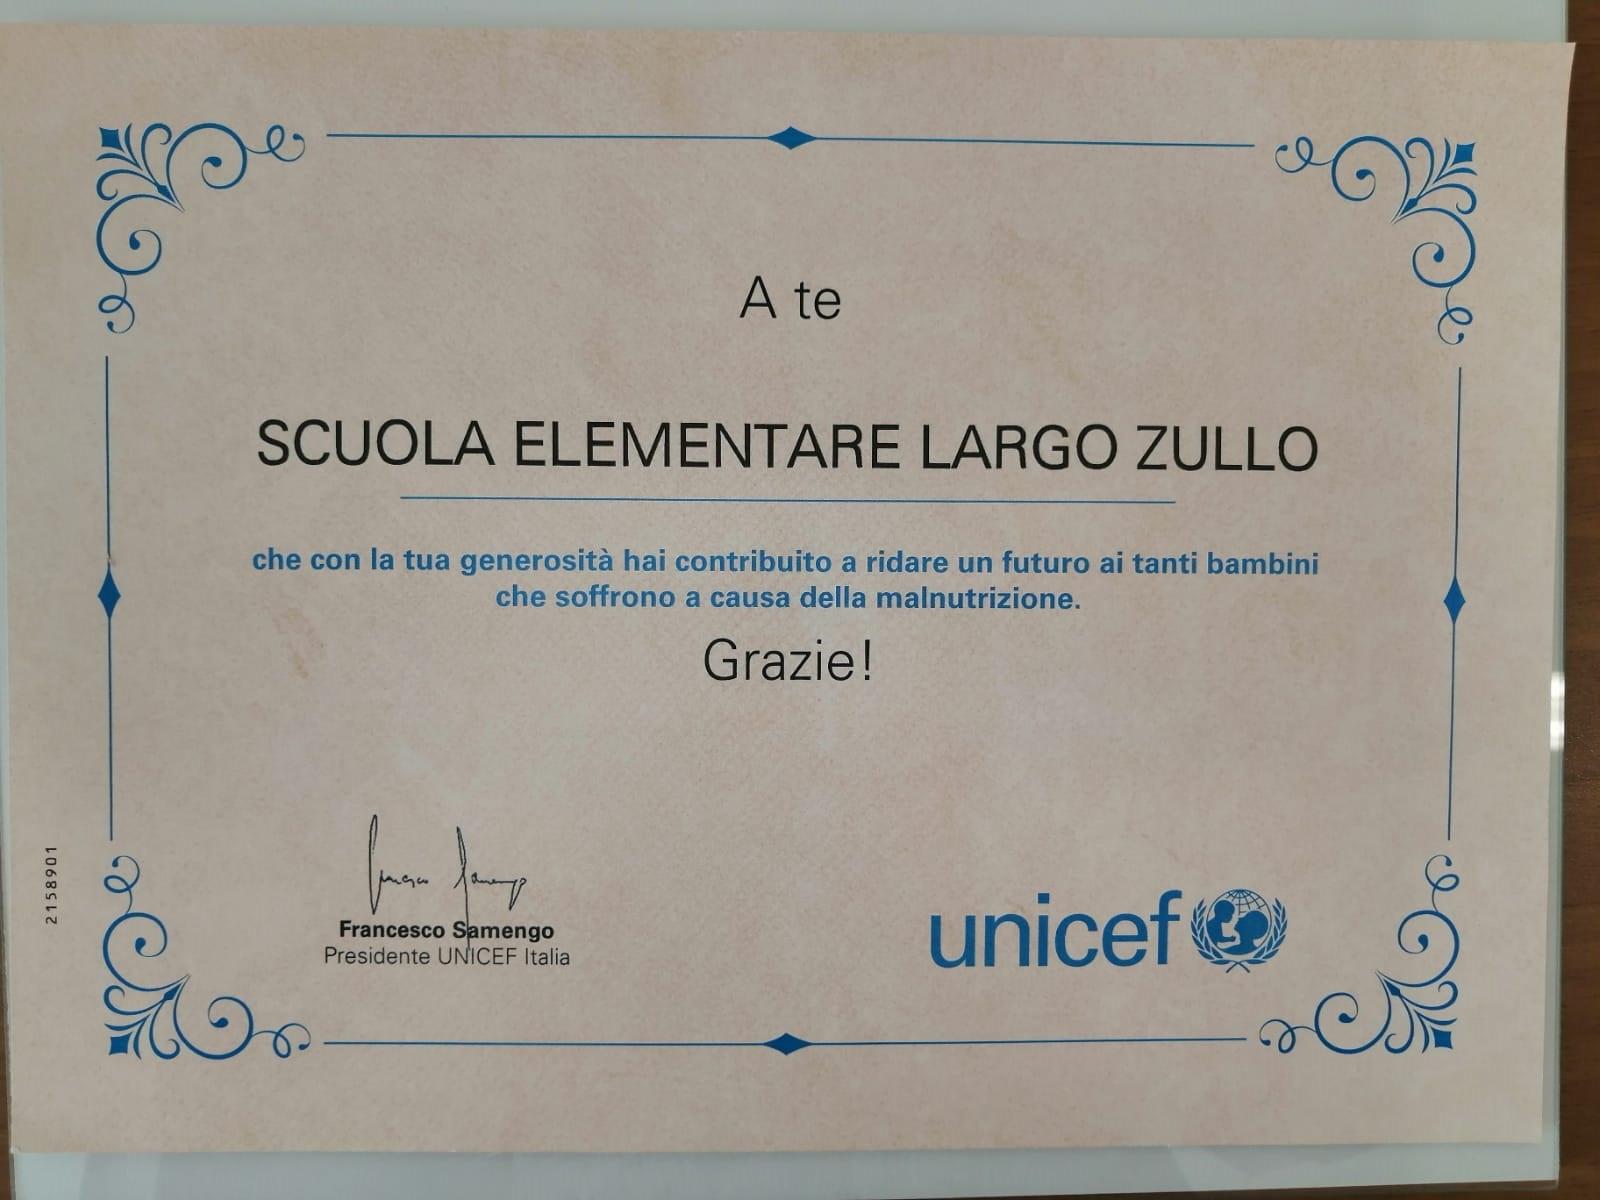 Attestato UNICEF